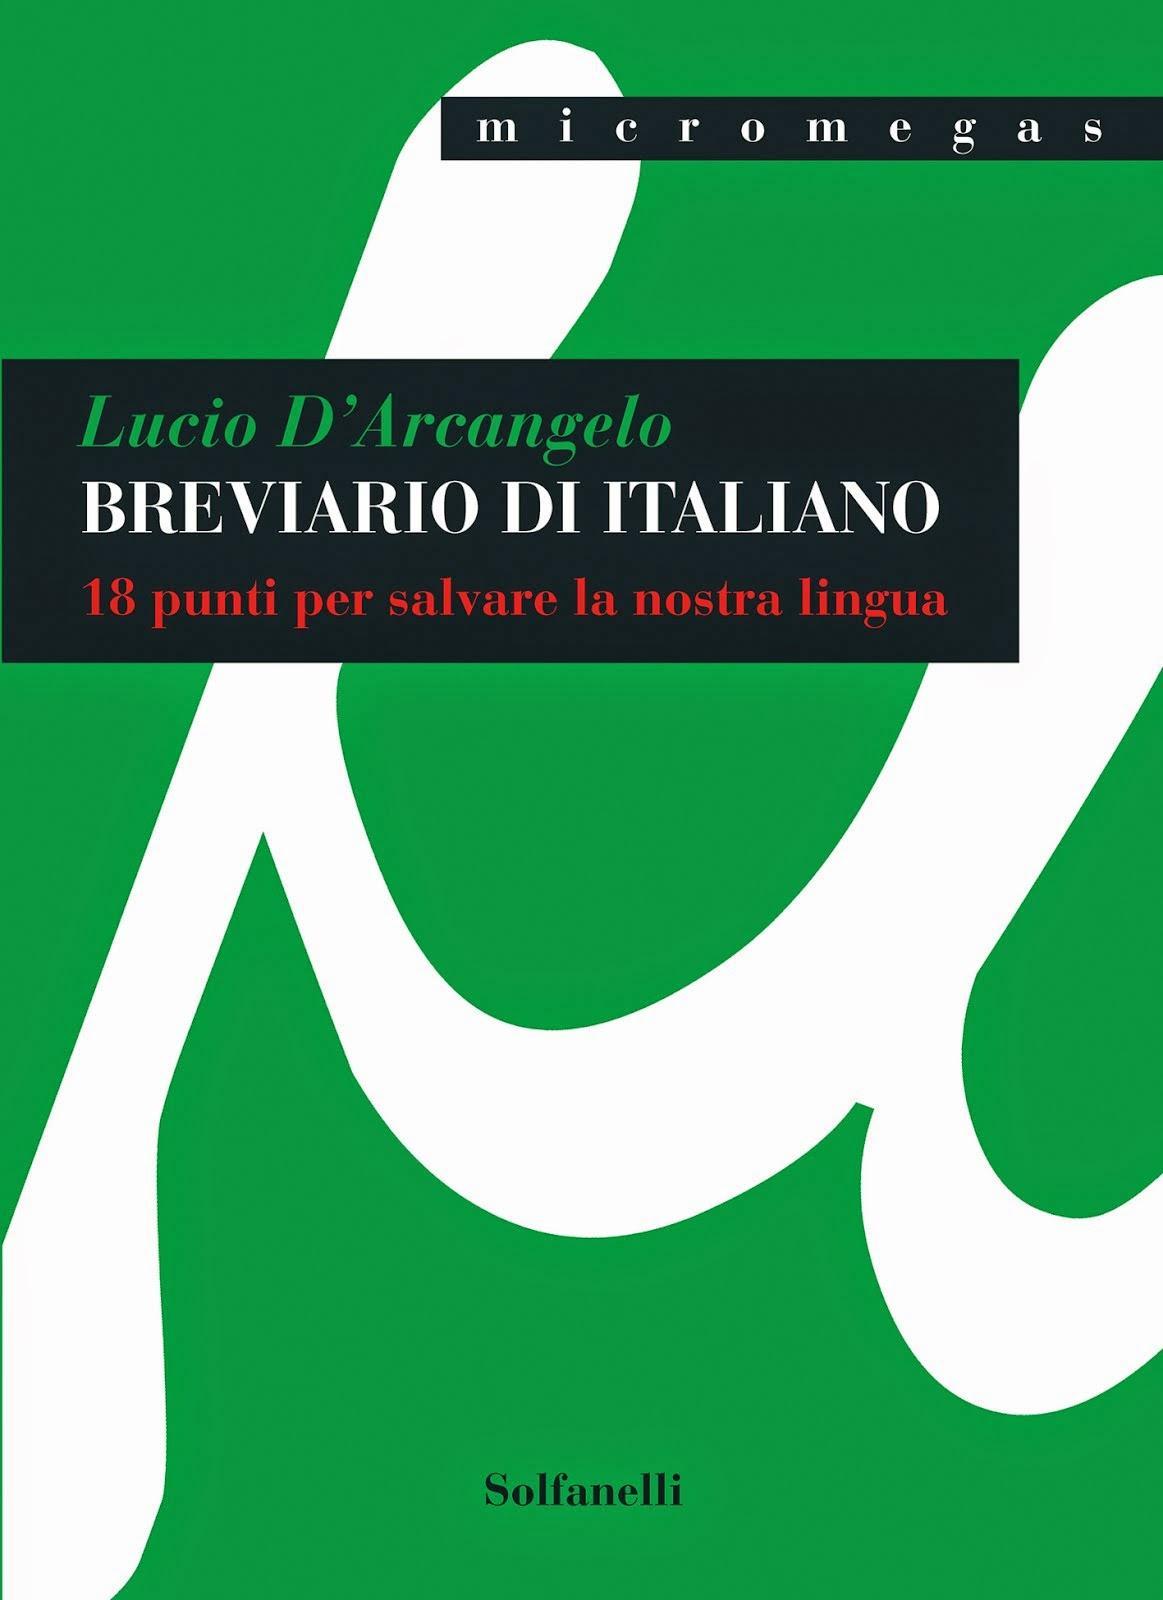 Breviario di italiano